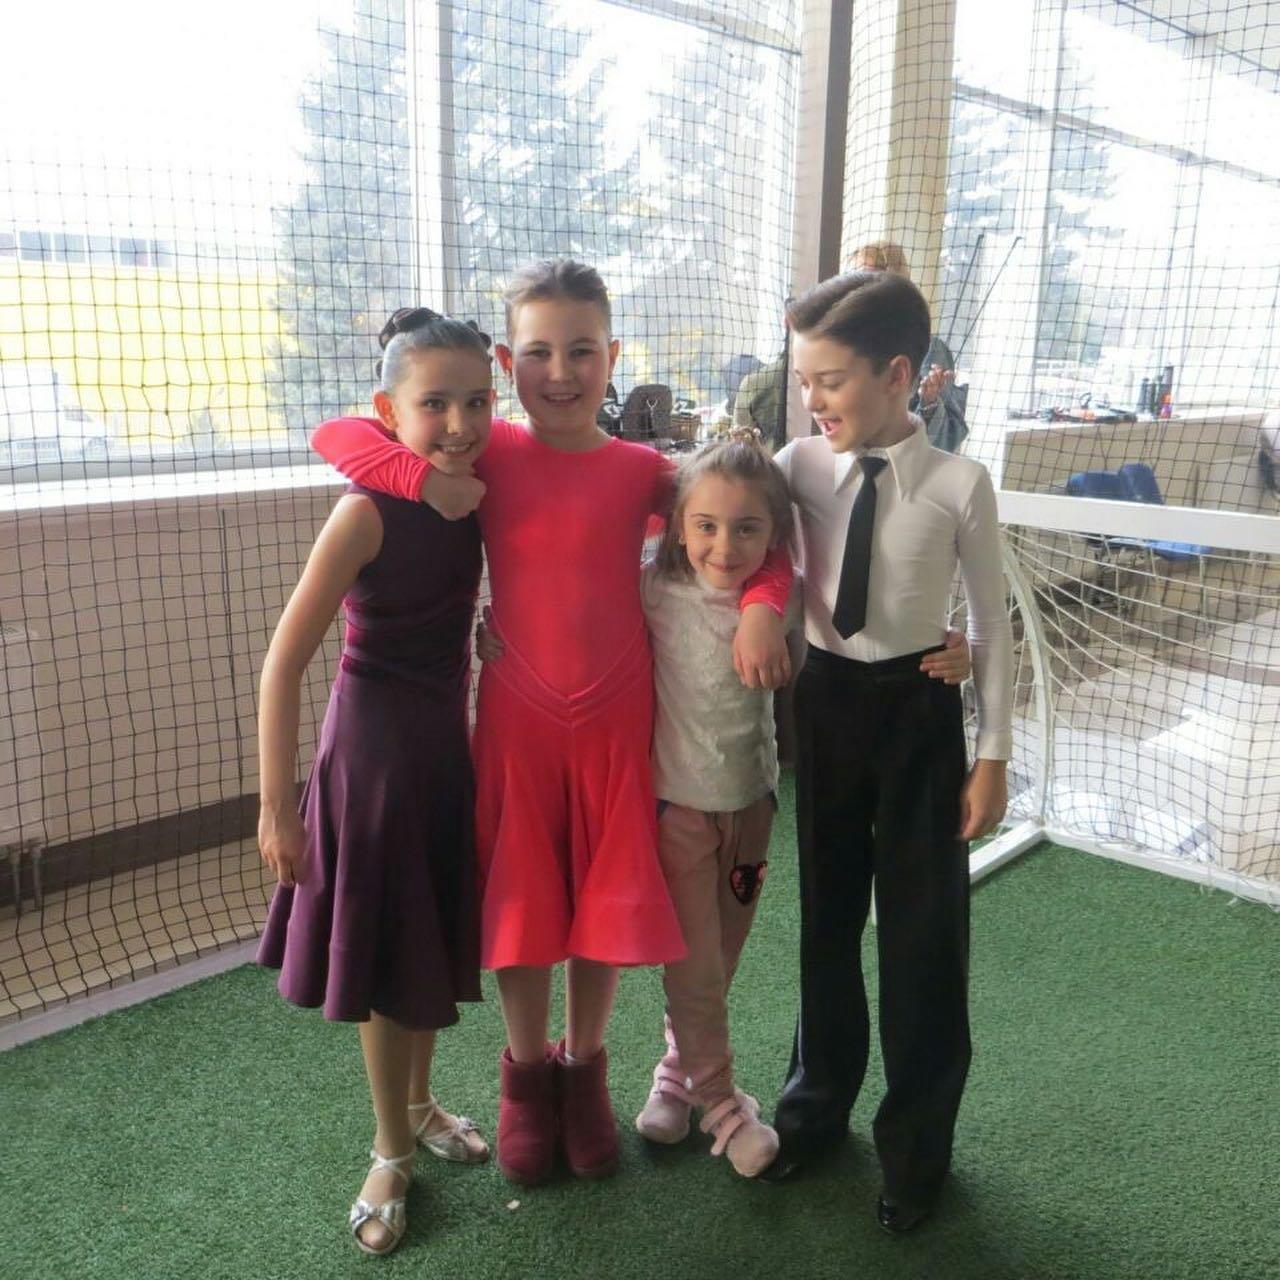 Коллектив спортивно-бального танца «Переможець»  показал высокие результаты на международном чемпионате , фото-2